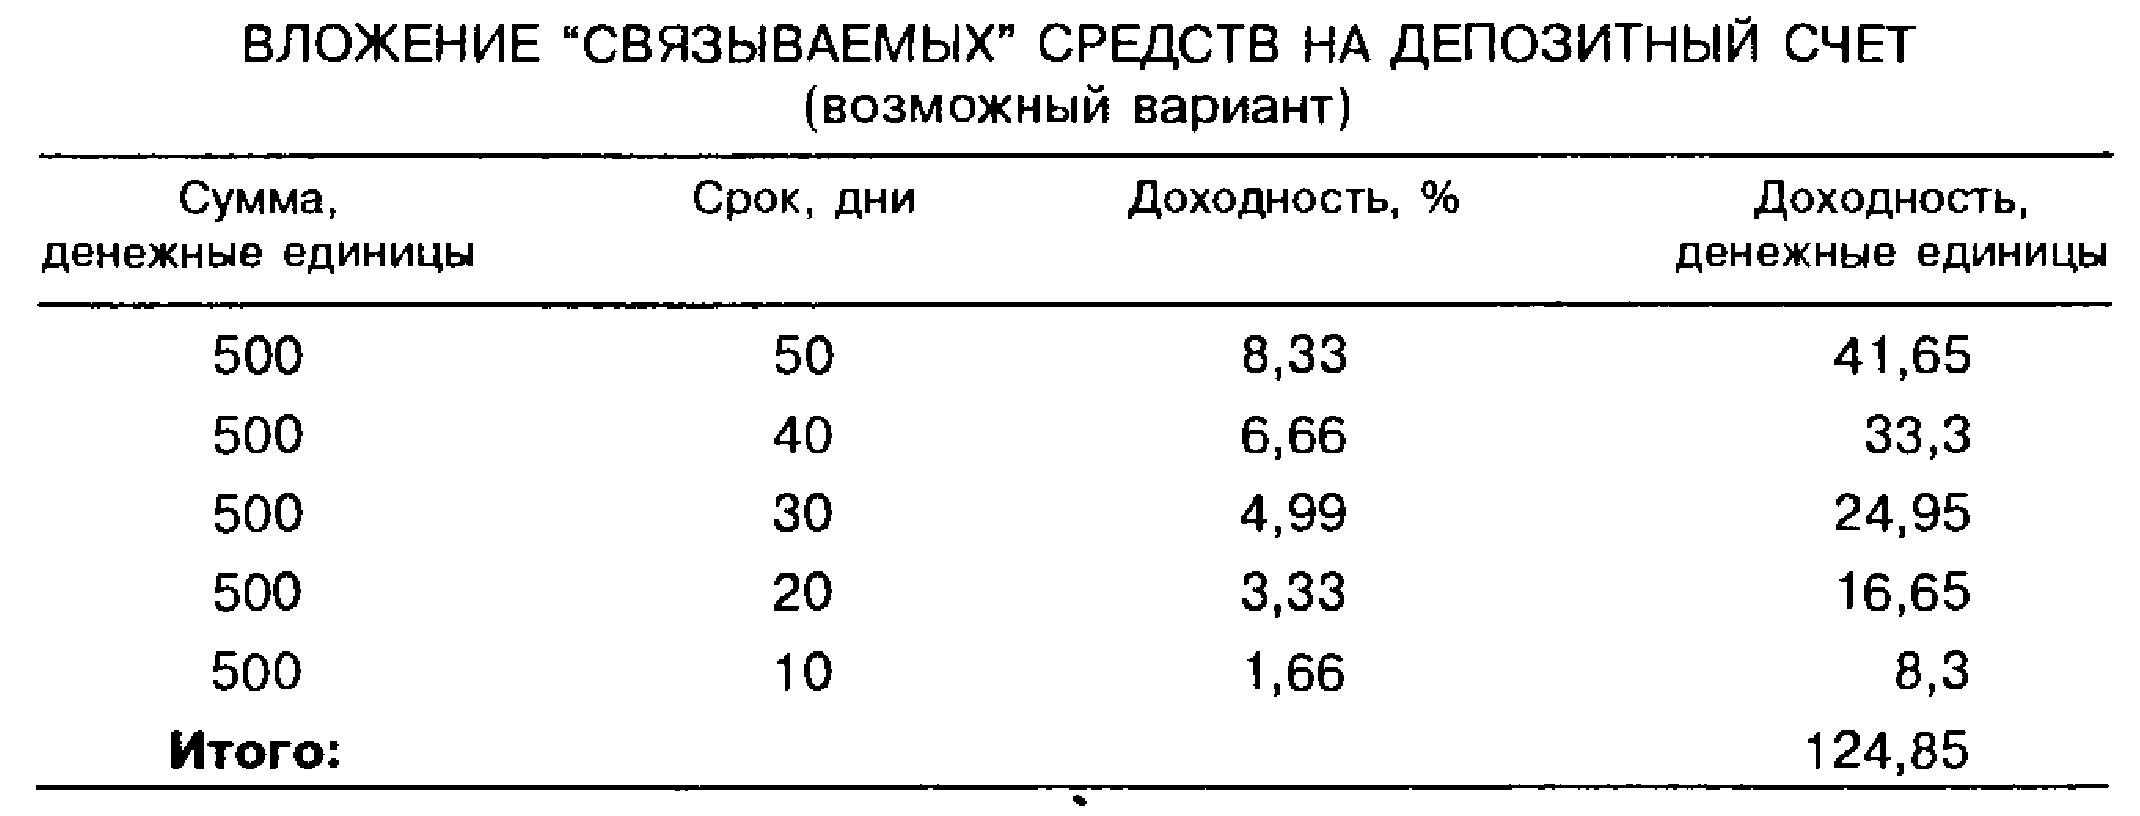 """Вложение """"связываемых"""" средств на депозитный счет (возможный вариант)"""